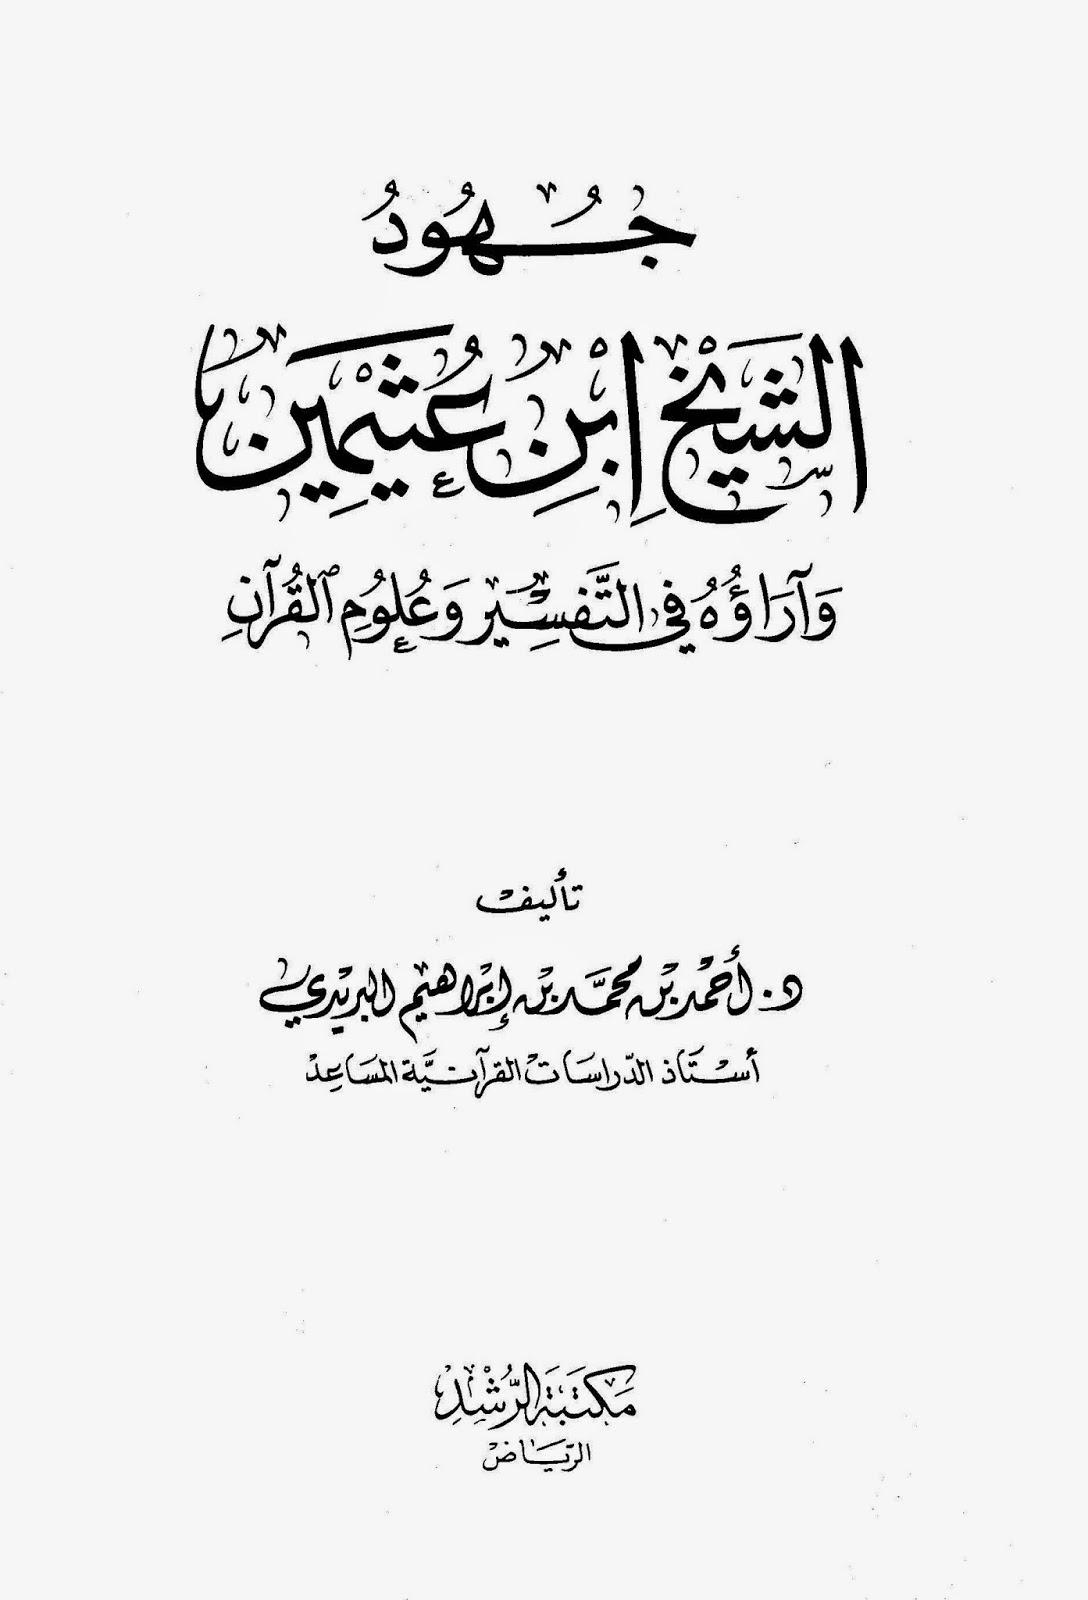 جهود الشيخ ابن عثيمين وآراؤه في التفسير وعلوم القرآن لـ أحمد البريري